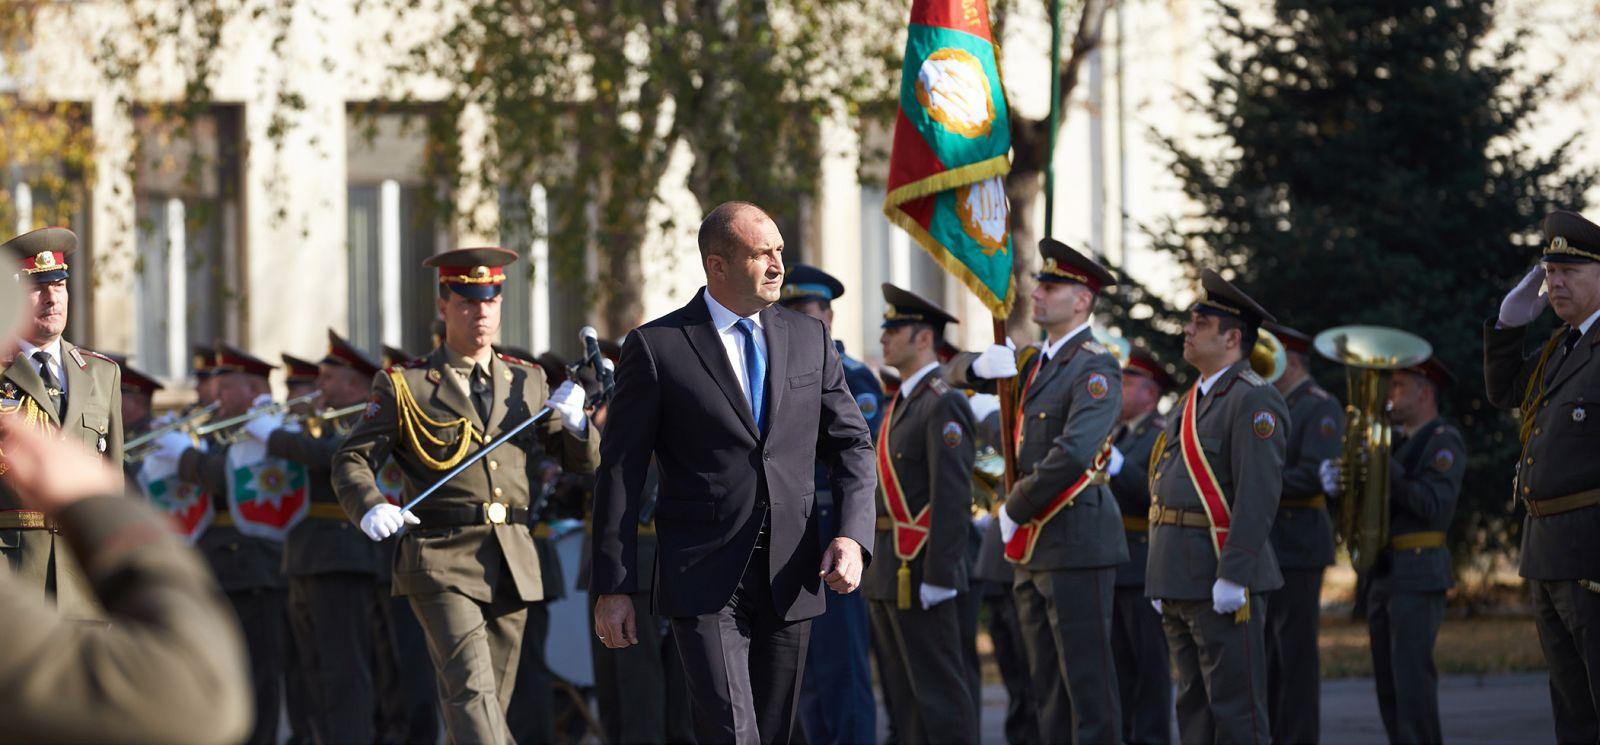 Президентът Радев към випускниците на ВА: Създаването на по-добри условия във Въоръжените сили ще зависи и от вашето лидерство и борбеността на всеки от вас